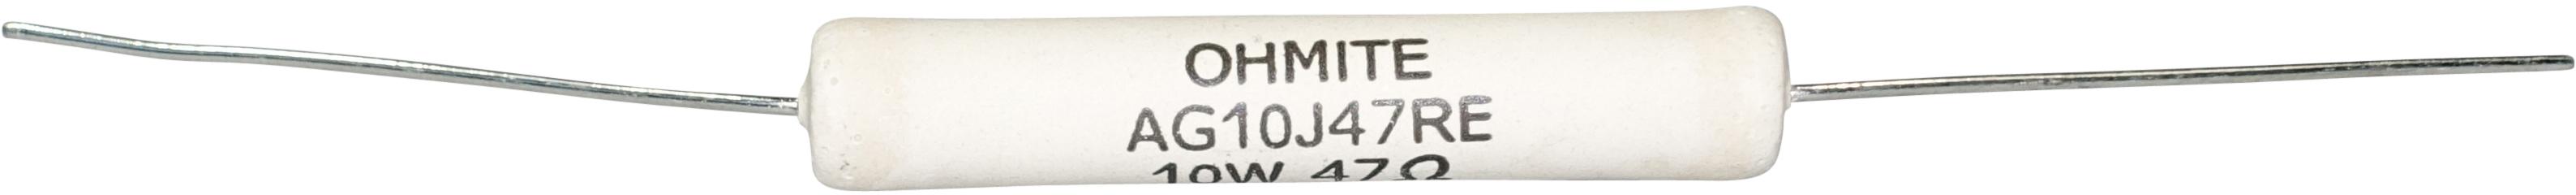 Ohmite Audio Gold 10W - 0,2 Ohm